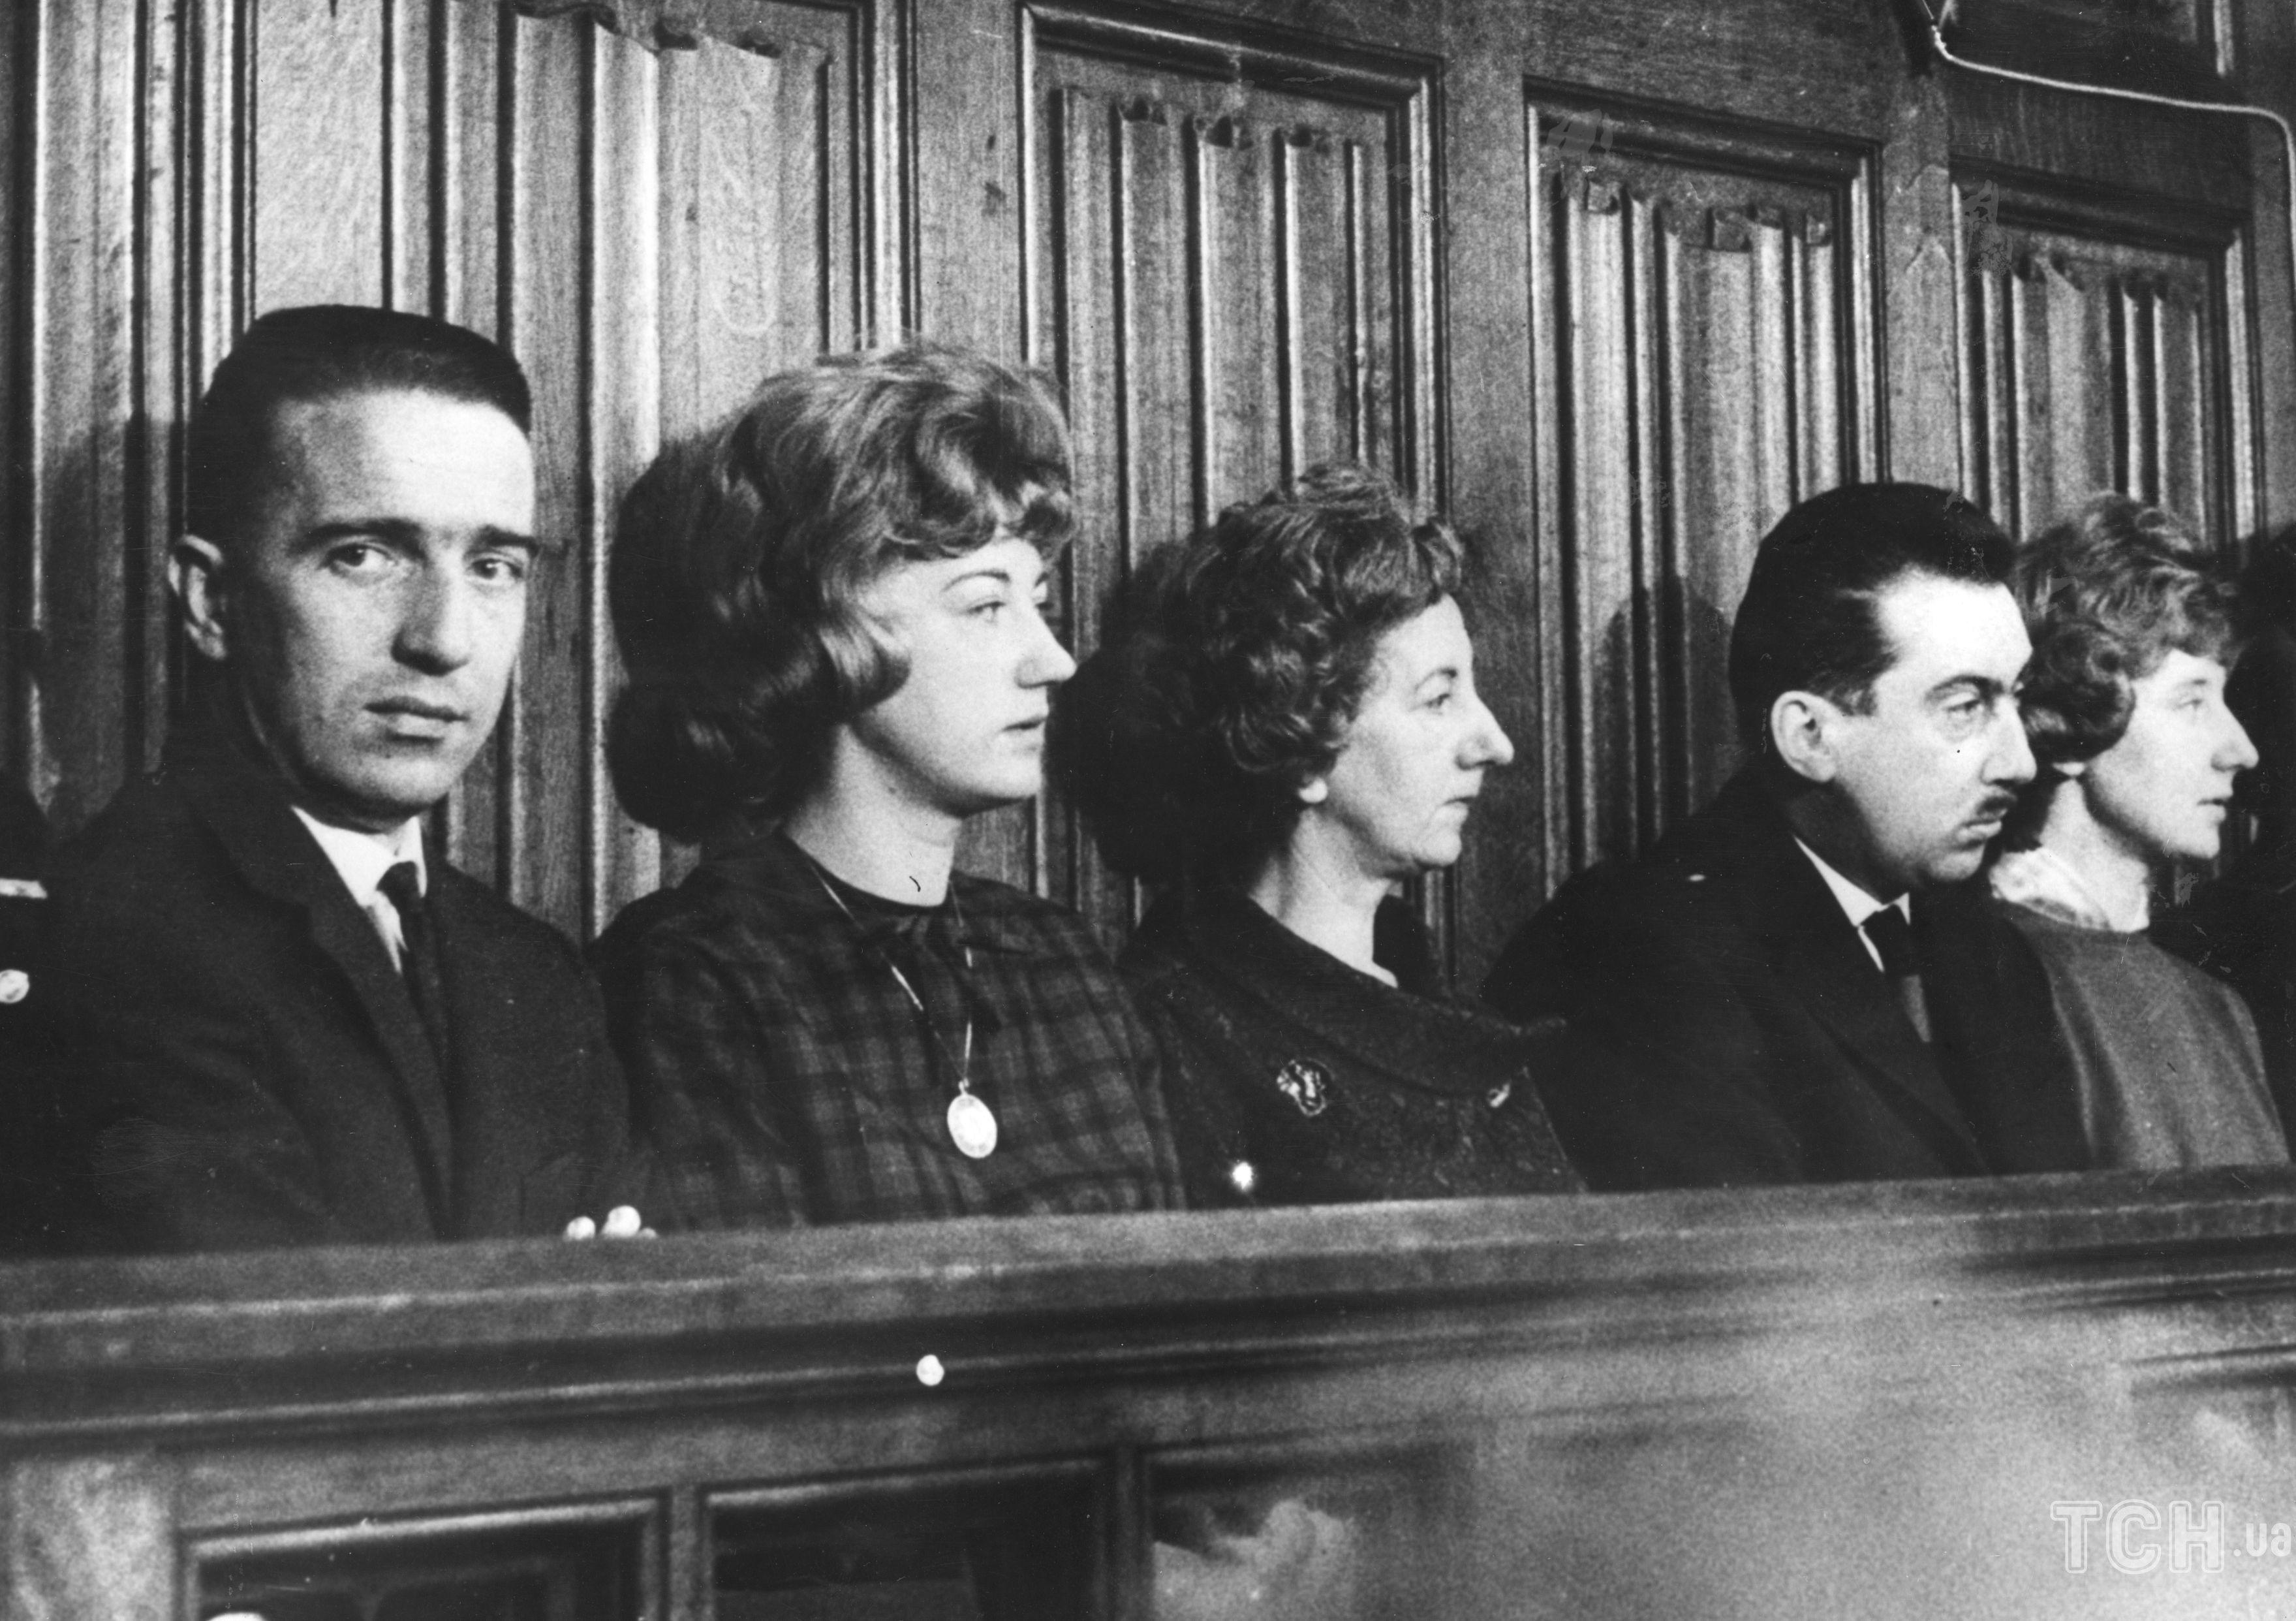 Сюзанна ван де Пут, обвиняемая в убийстве своего ребенка, 5 ноября 1962 года / © Getty Images